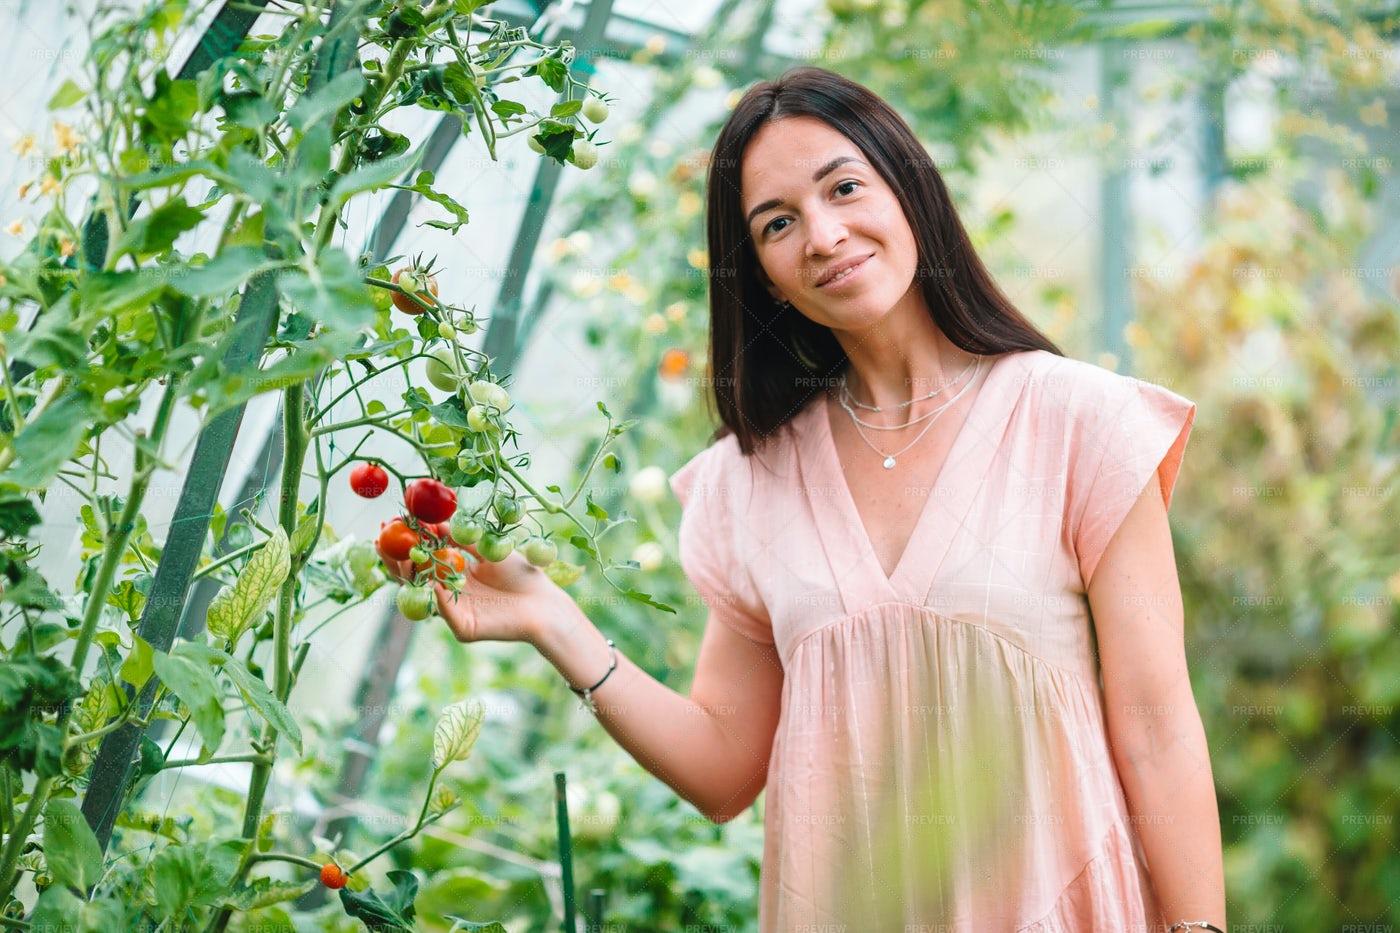 Tomato Greenhouse: Stock Photos